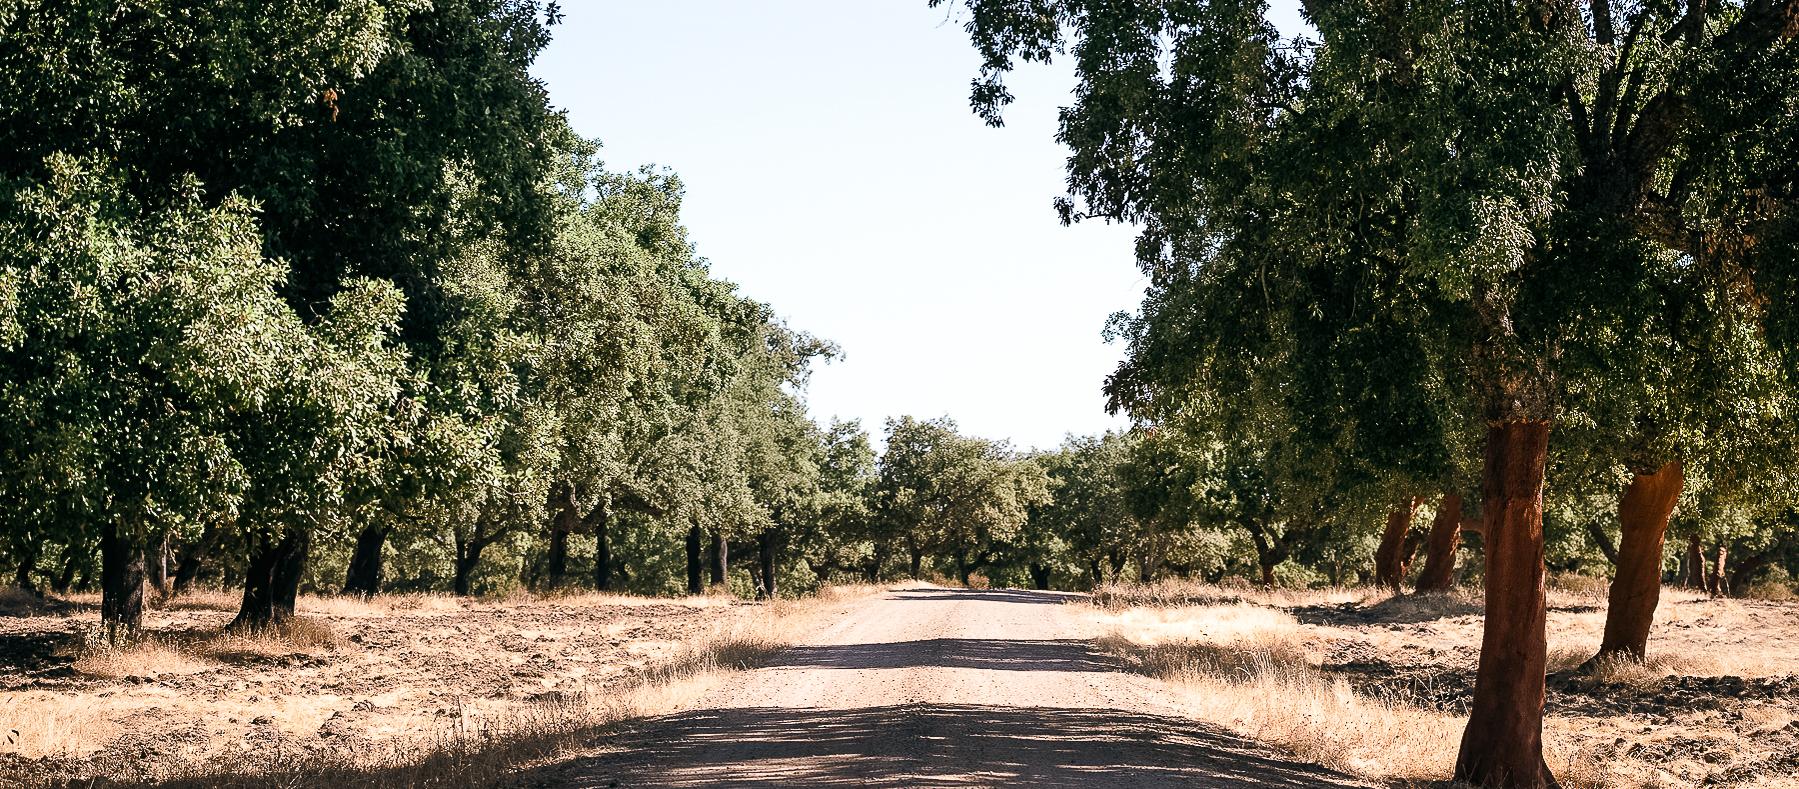 Castilblanco Camino de Santiago